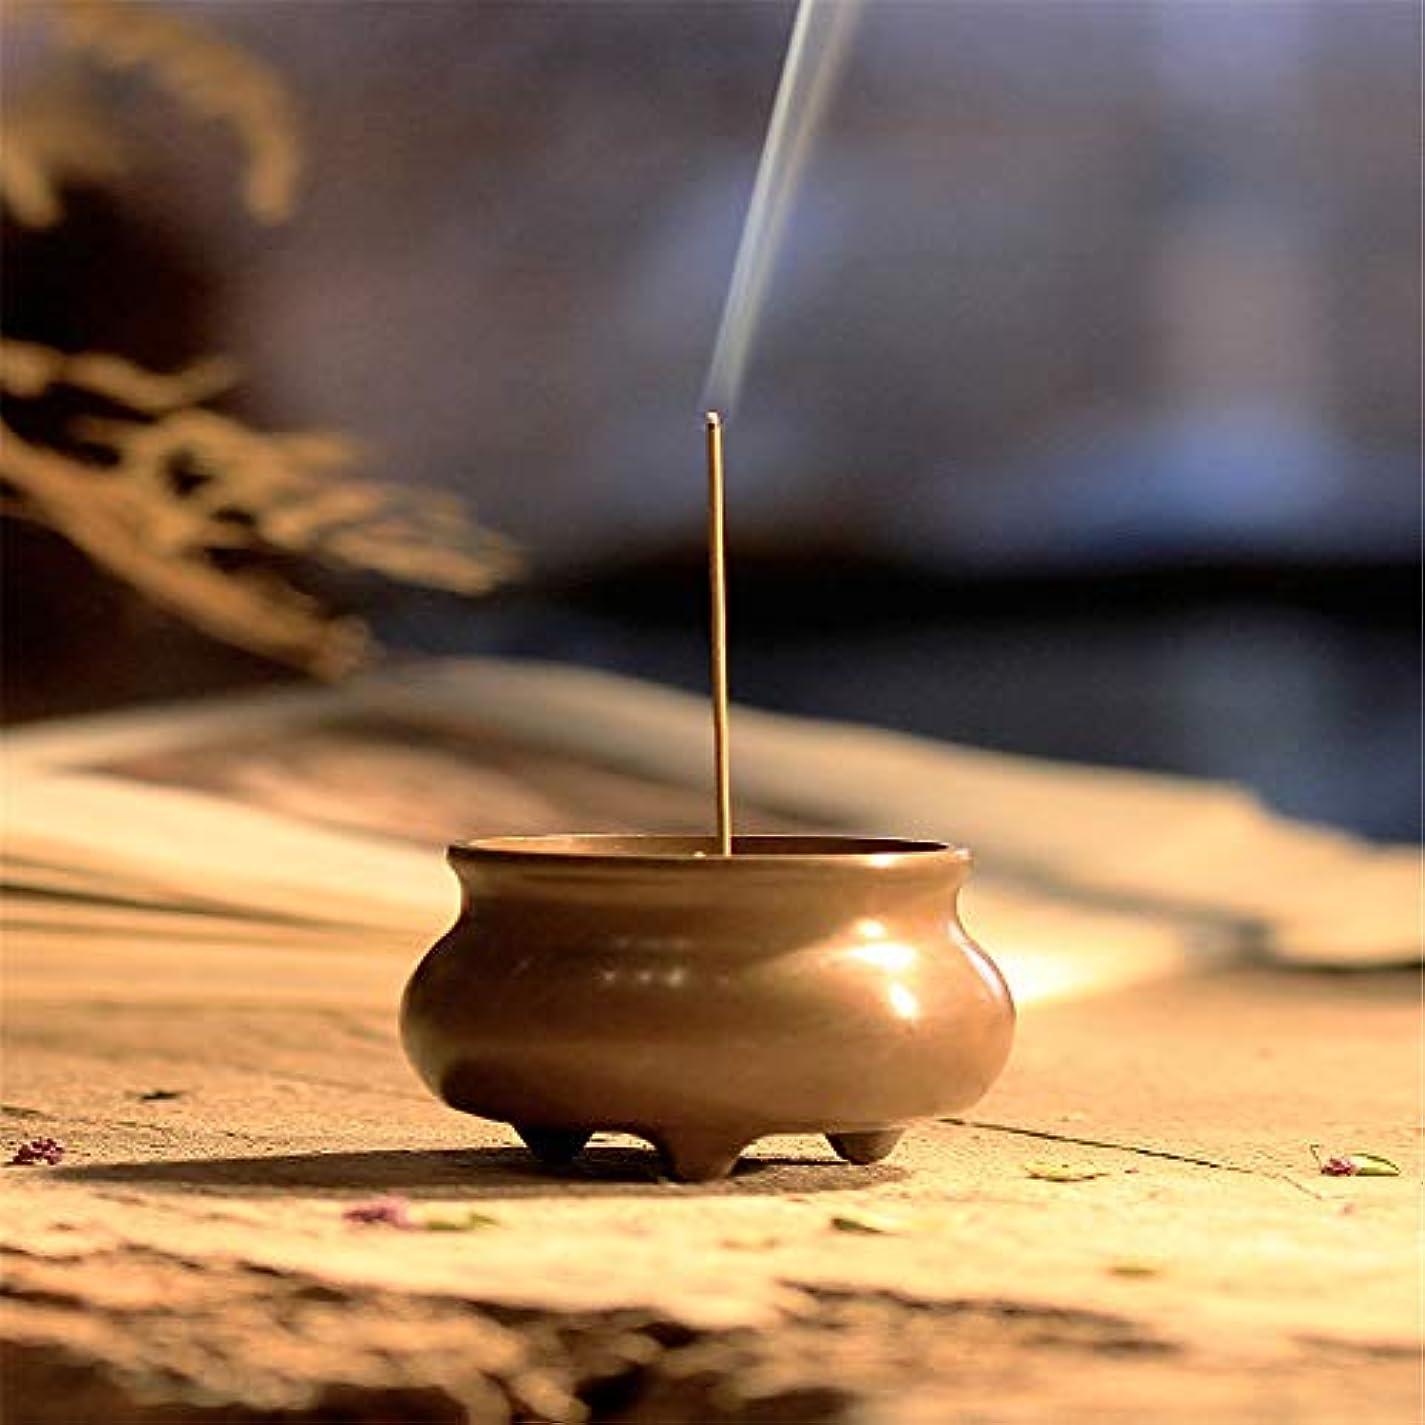 呼び起こすアジテーション抽象化ミニ家庭用銅香炉寒天炉小さな銅炉ホームオフィス茶室ホーム装飾用香炉に戻る4.8 * 3.8 * 3.6 cm